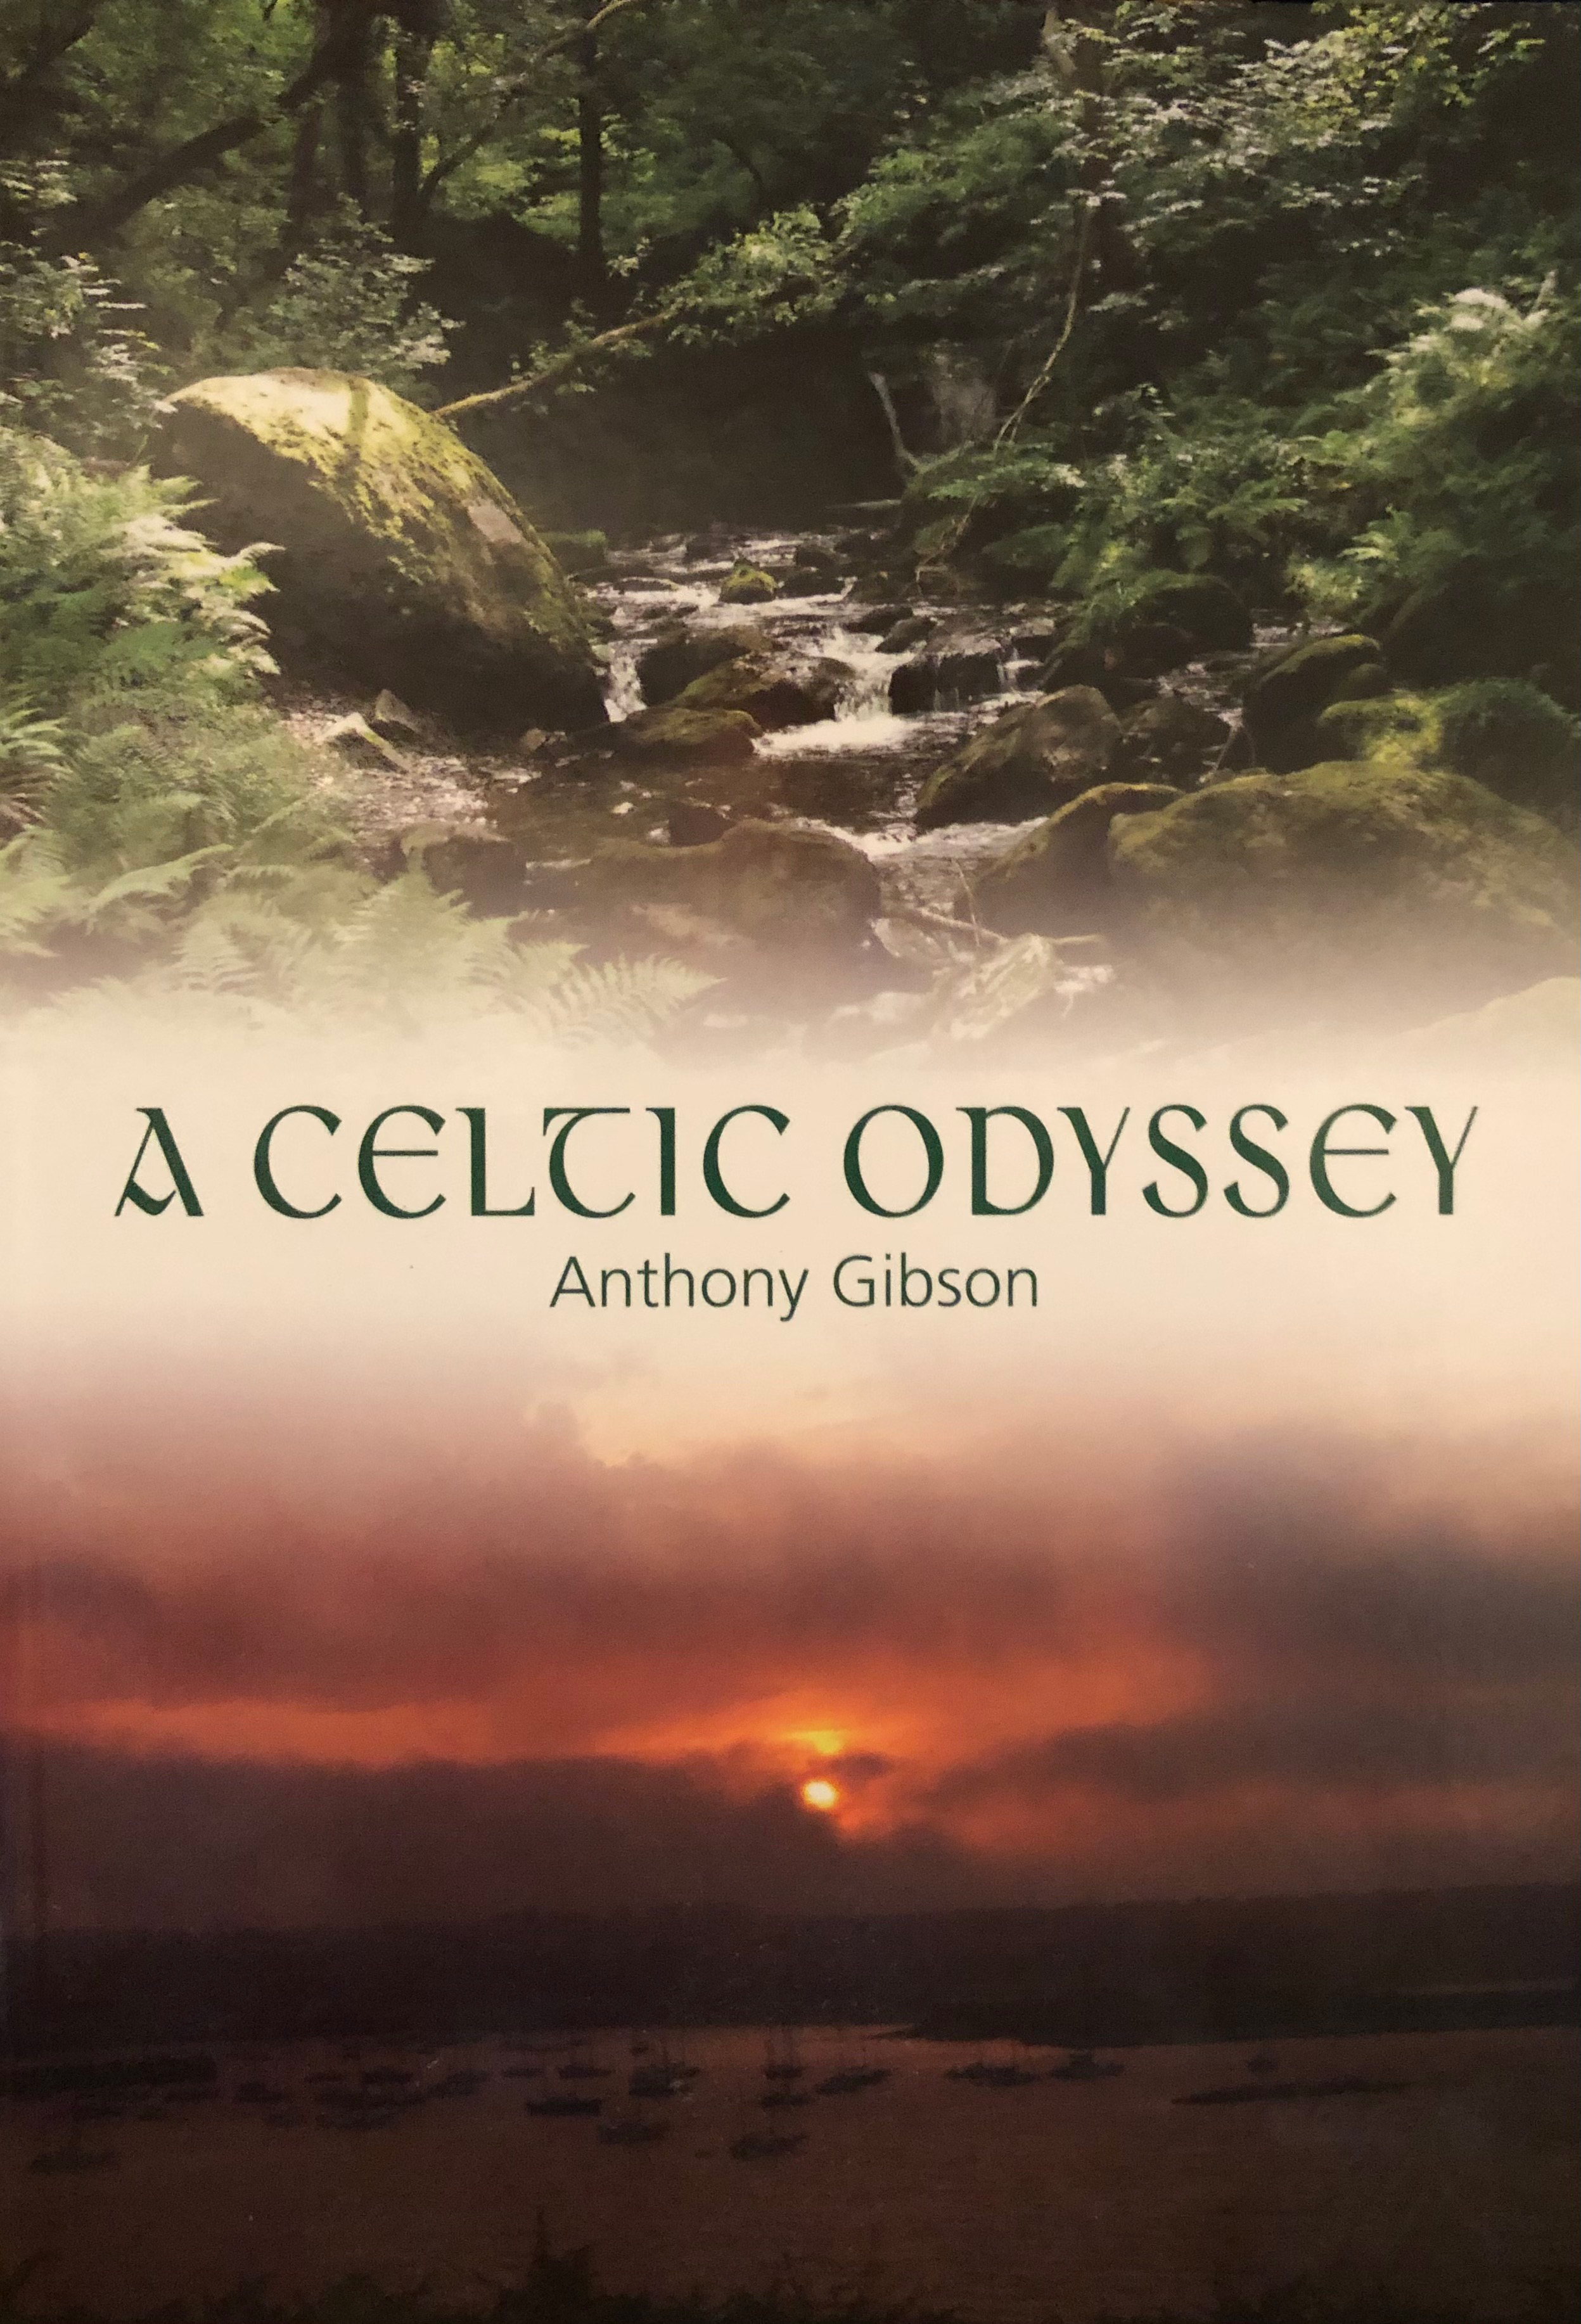 A Celtic Odyssey